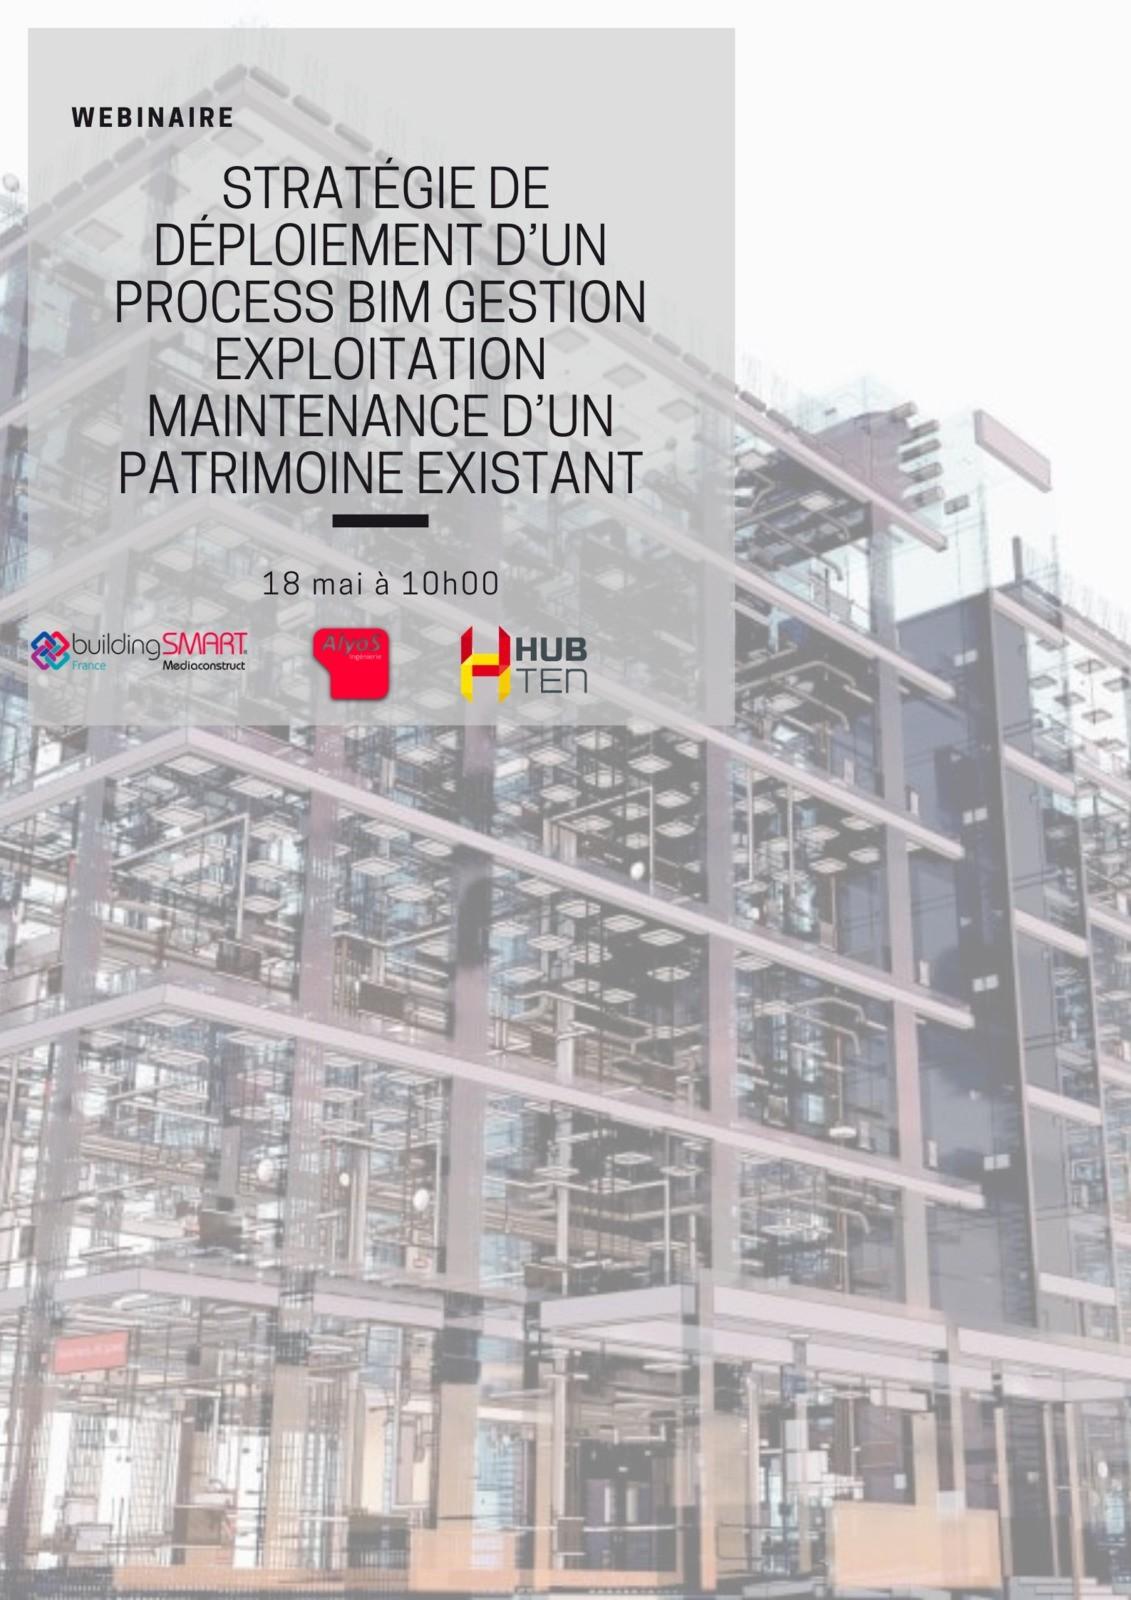 [Webinar] Stratégie de déploiement d'un process BIM Gestion Exploitation Maintenance d'un patrimoine existant